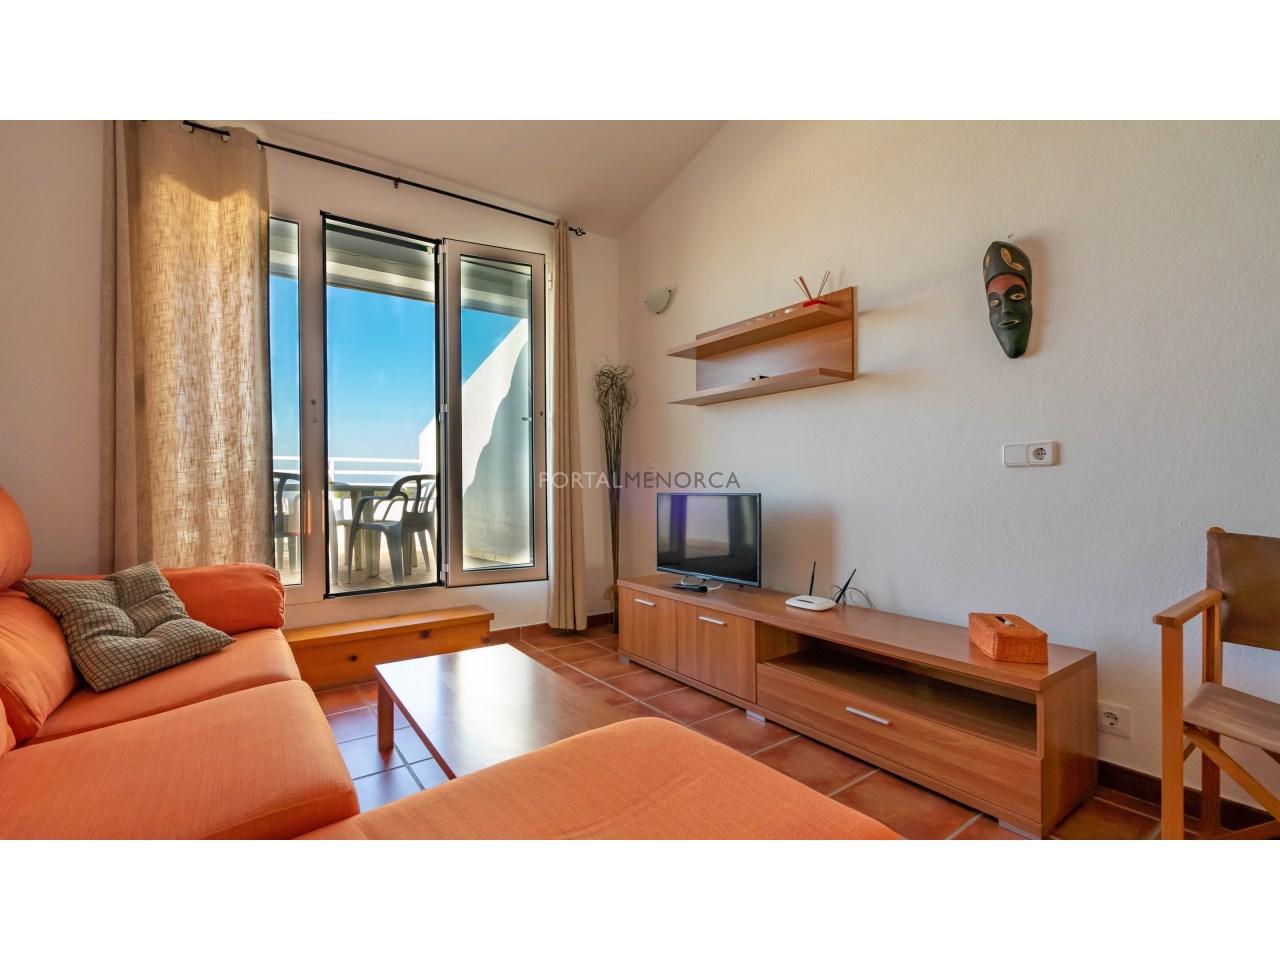 comprar-apartamento-son-parc-menorca (5)